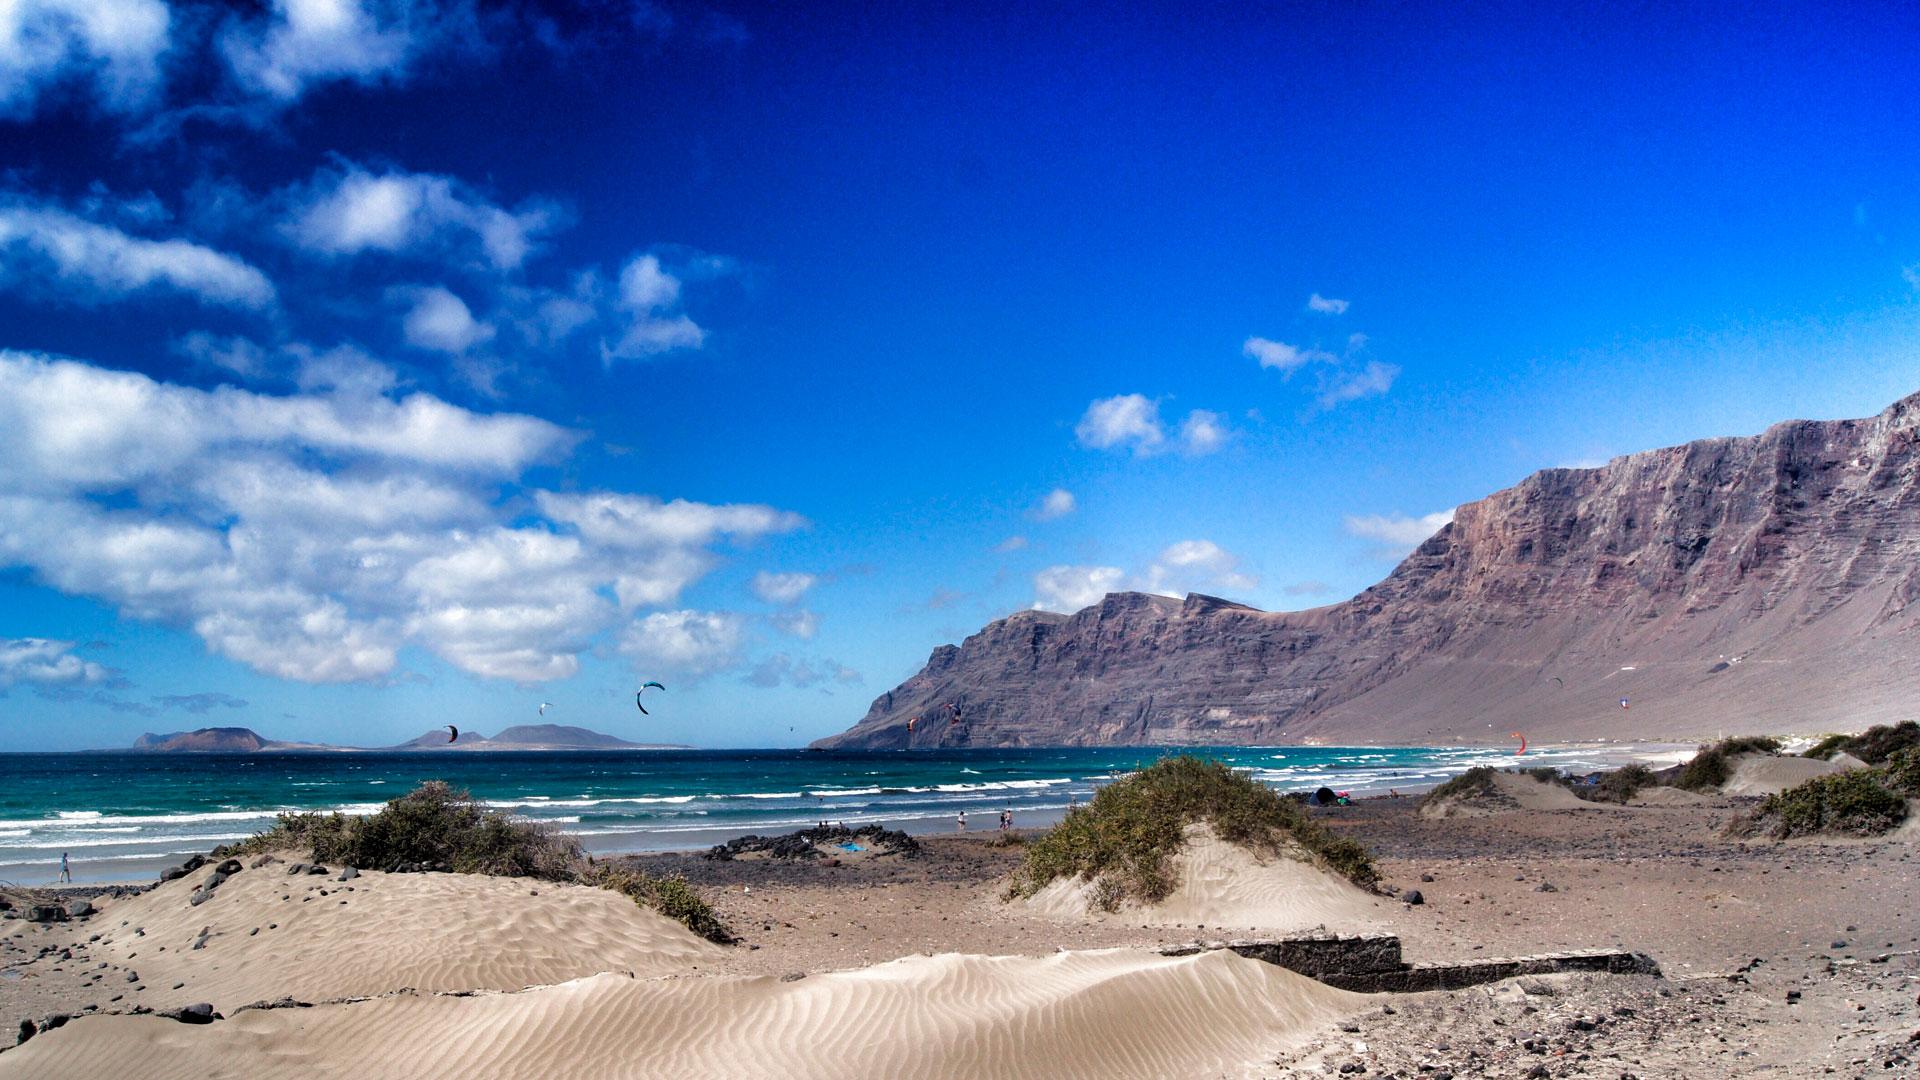 Imagen de Lanzarote en Islas Canarias